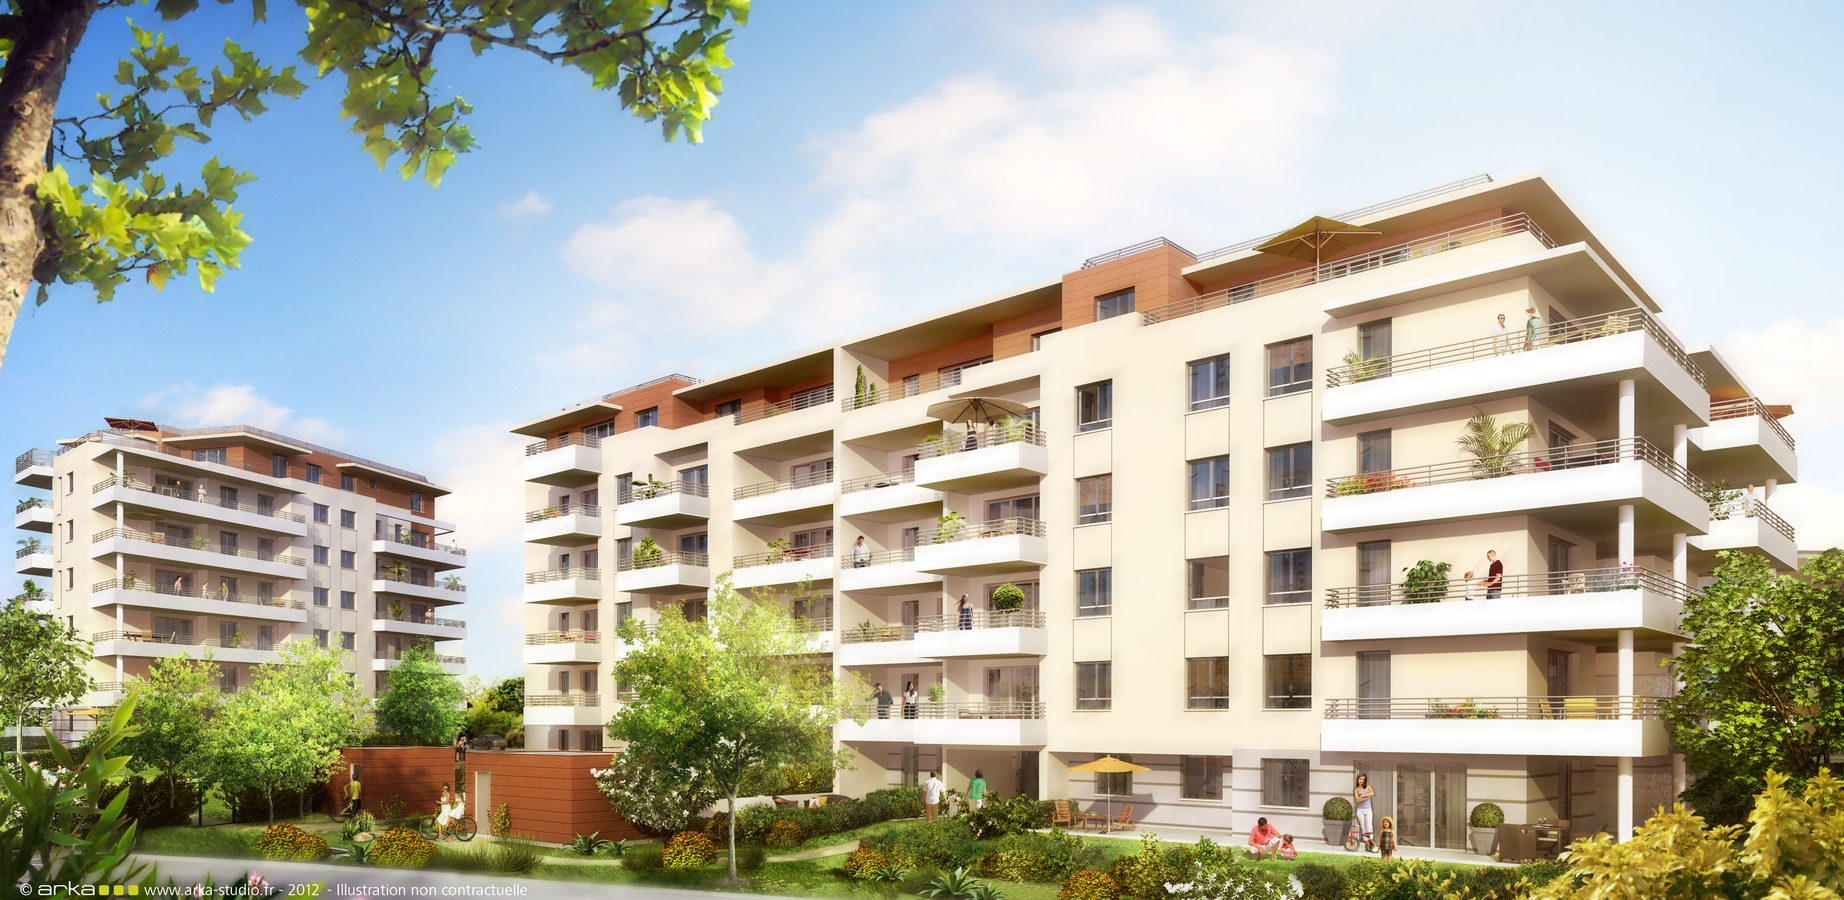 Les terrasses azur 50 logements neufs voiron is re for Acheter logement neuf